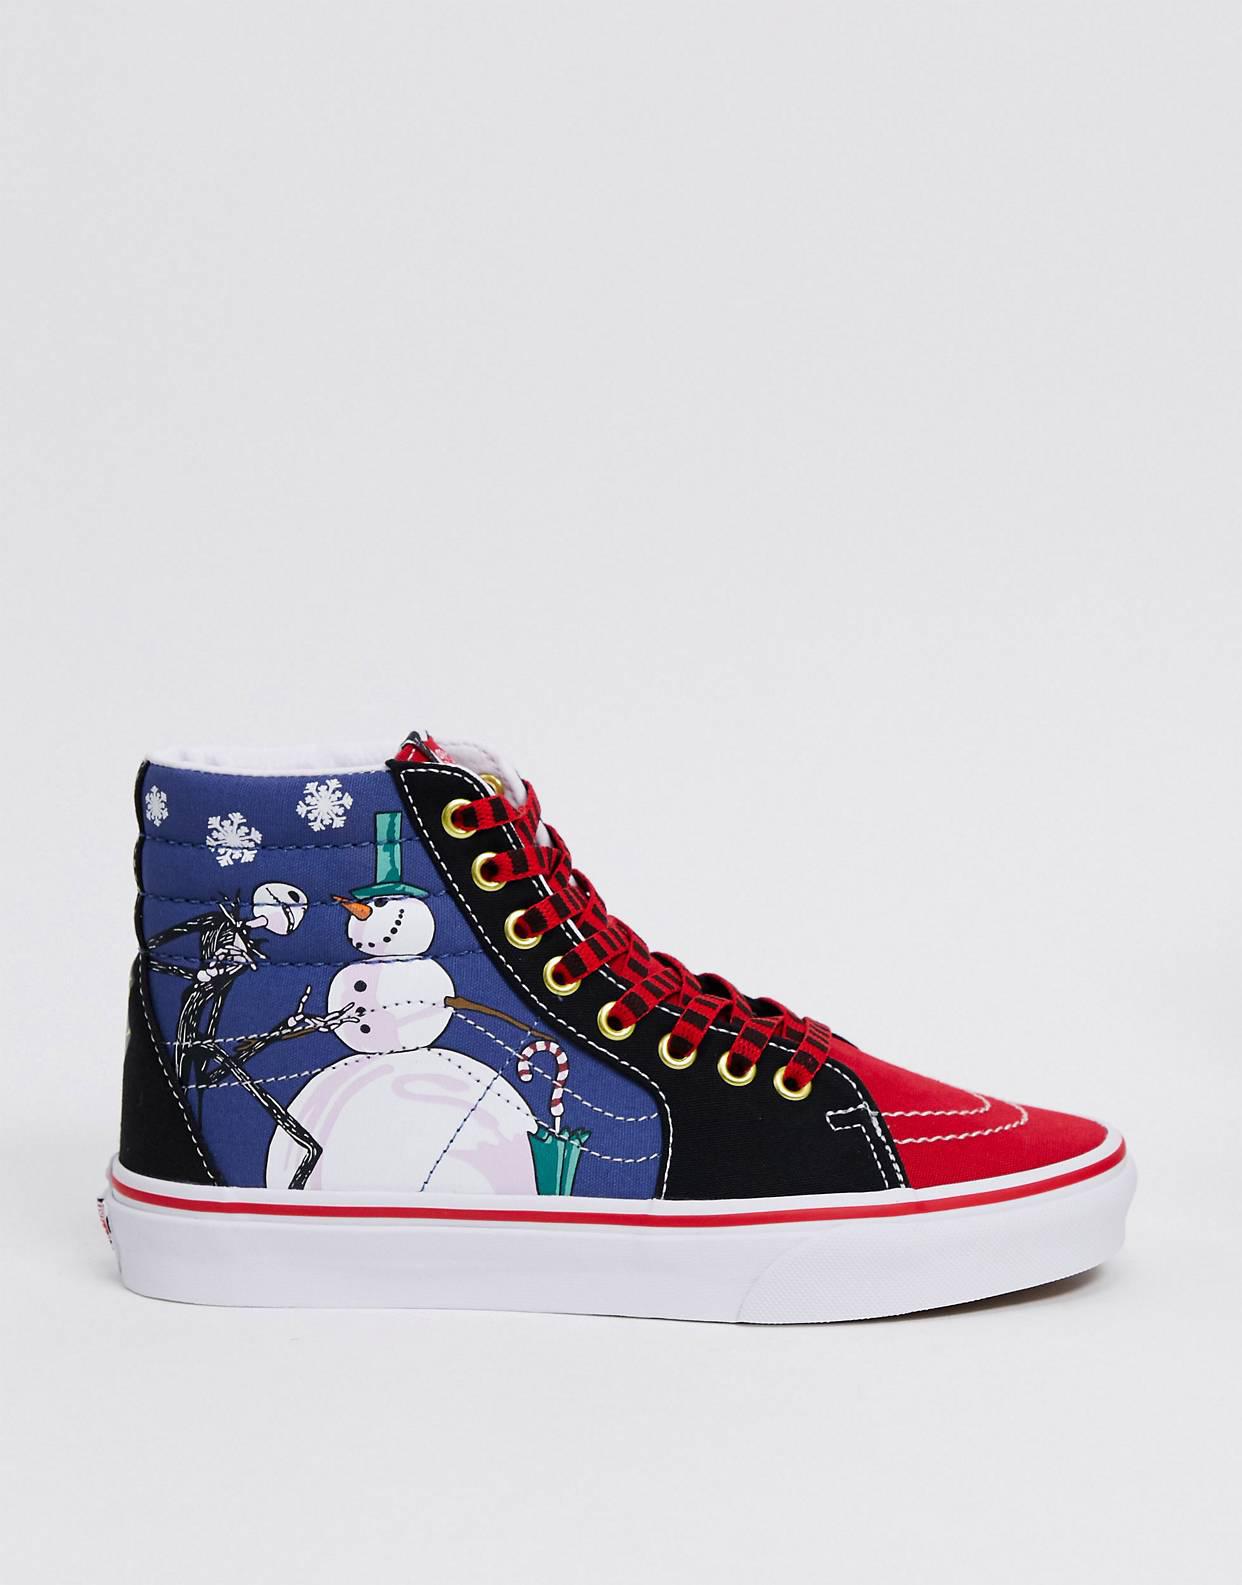 Zapatillas en azul y rojo SK8-Hi de Vans x Nightmare Before Christmas